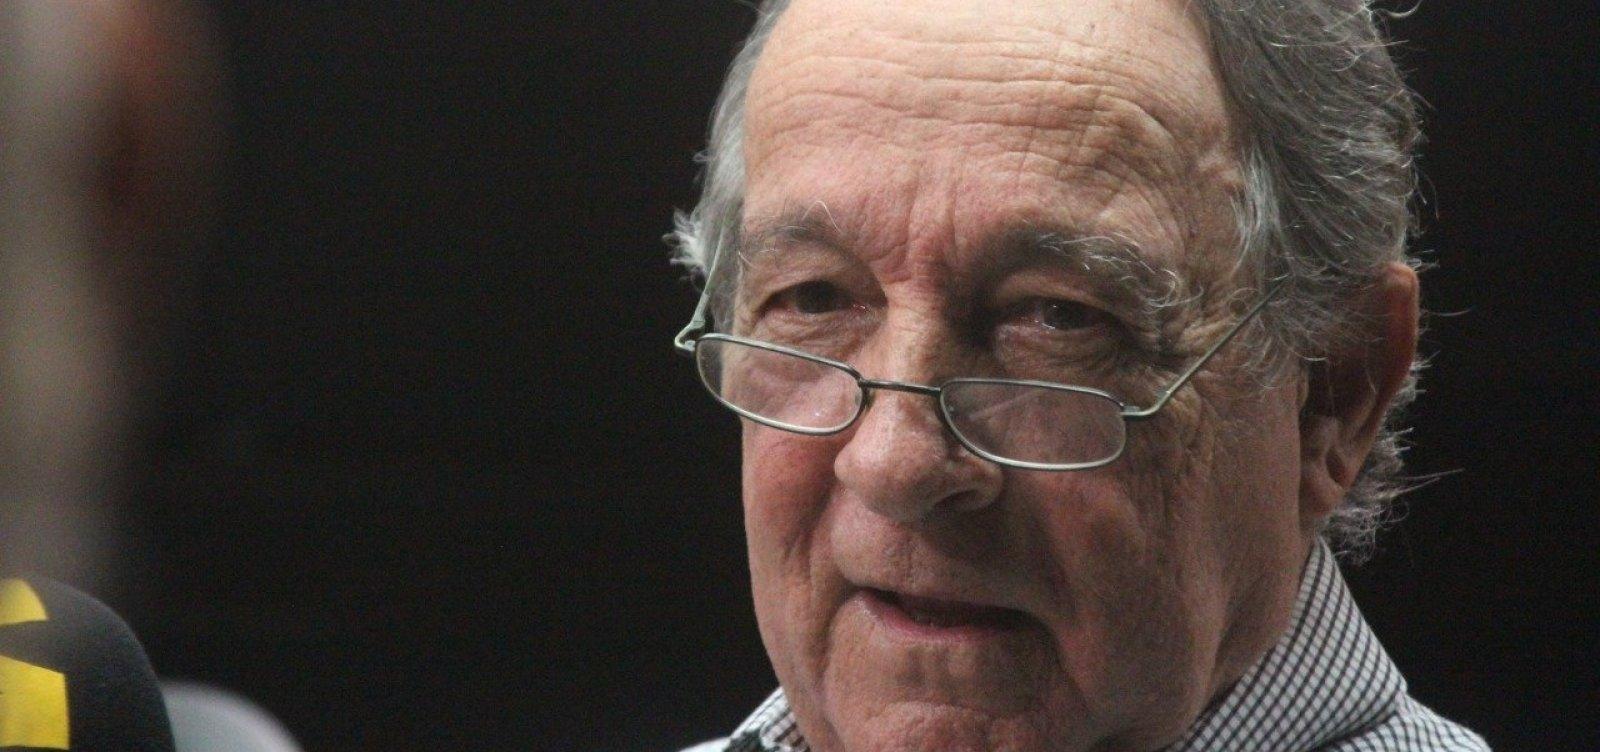 [Arquiteto Fernando Peixoto critica 'mangue' em intervenções e obras em Salvador]